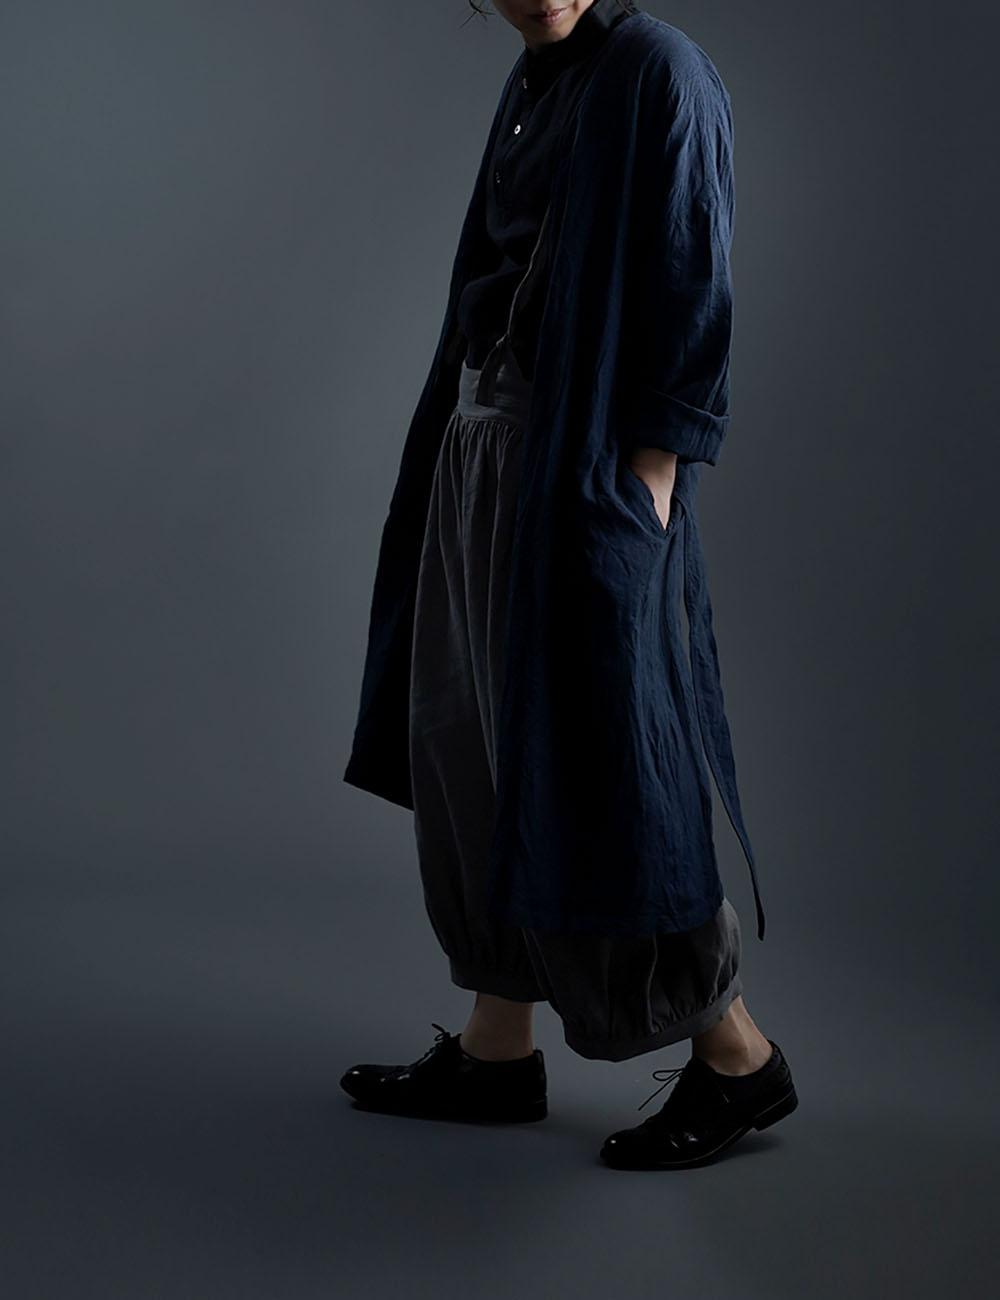 Linen Coat ノーカラーガウンコート ハンドワッシャー /ネイビー h022a-neb2